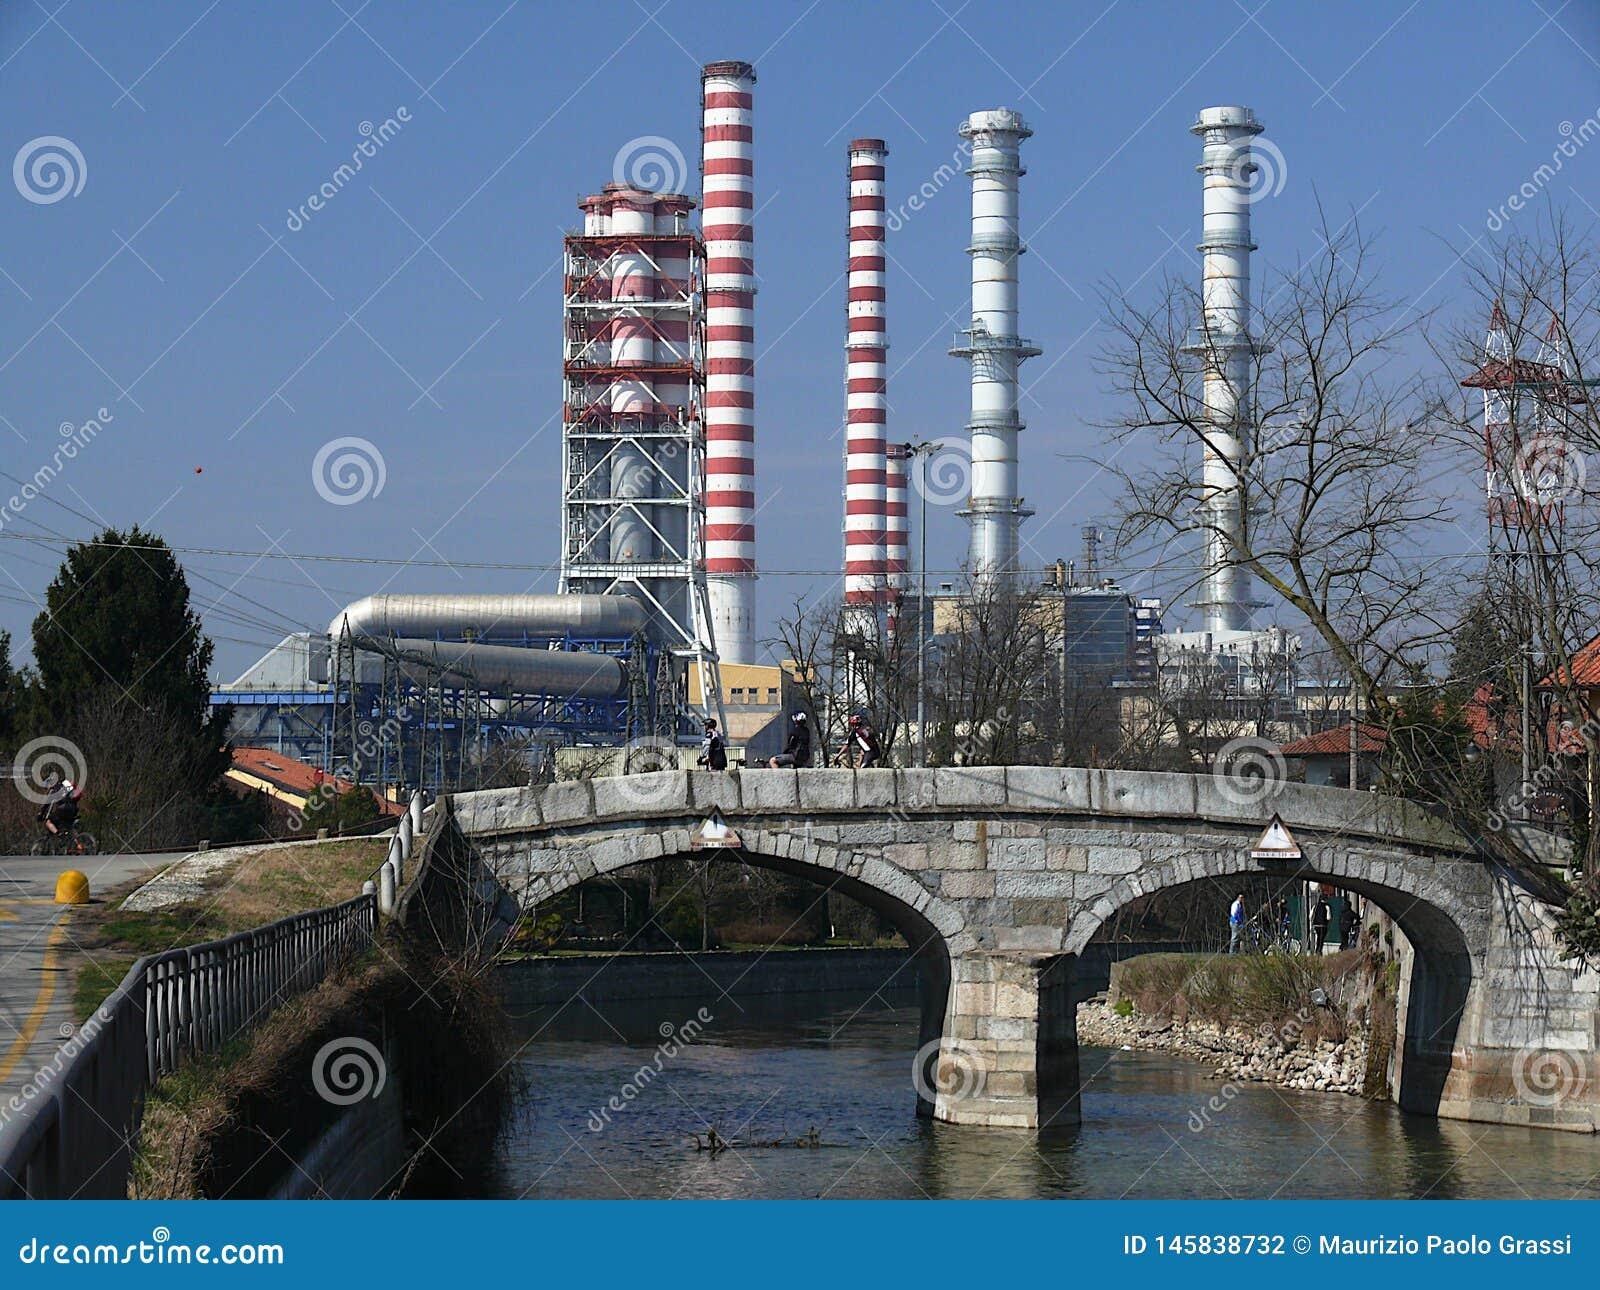 Turbigo, Milan, 23/03/2009 Chemin?es de centrale et un pont en canal dans le premier plan